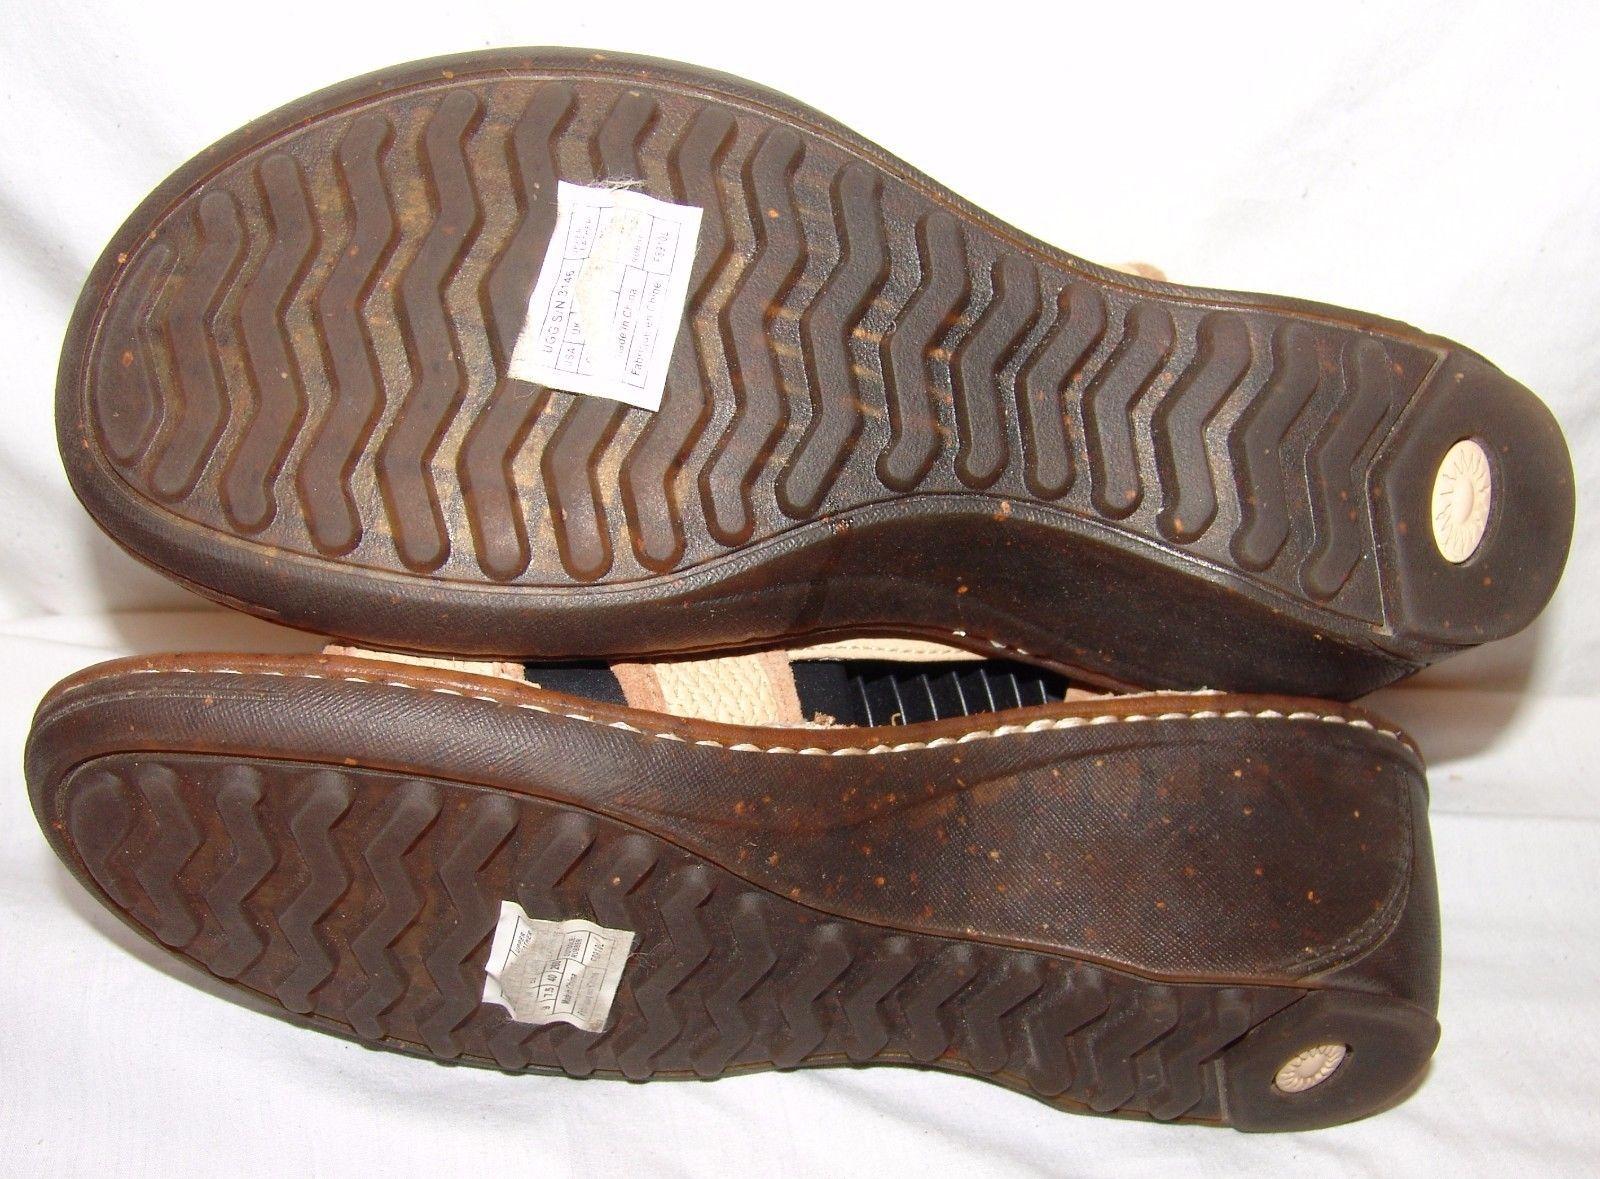 d624fd5356e Ugg Australia Sandali con Zeppa e Lacci and 50 similar items